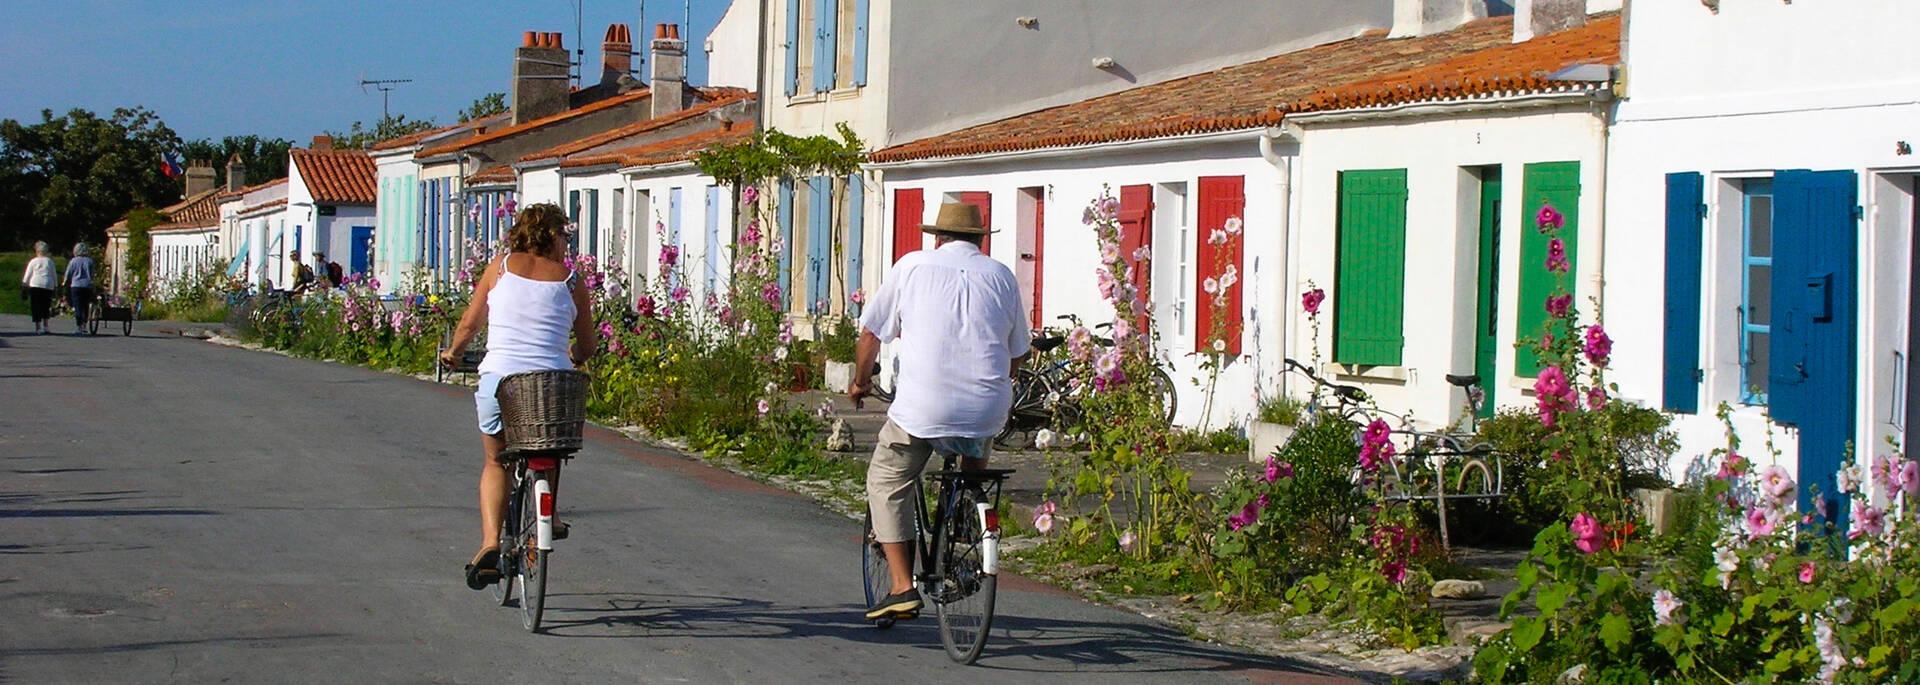 Village aux volets colorés de l'île d'Aix, bordé de roses trémières - © Samuel Courtois